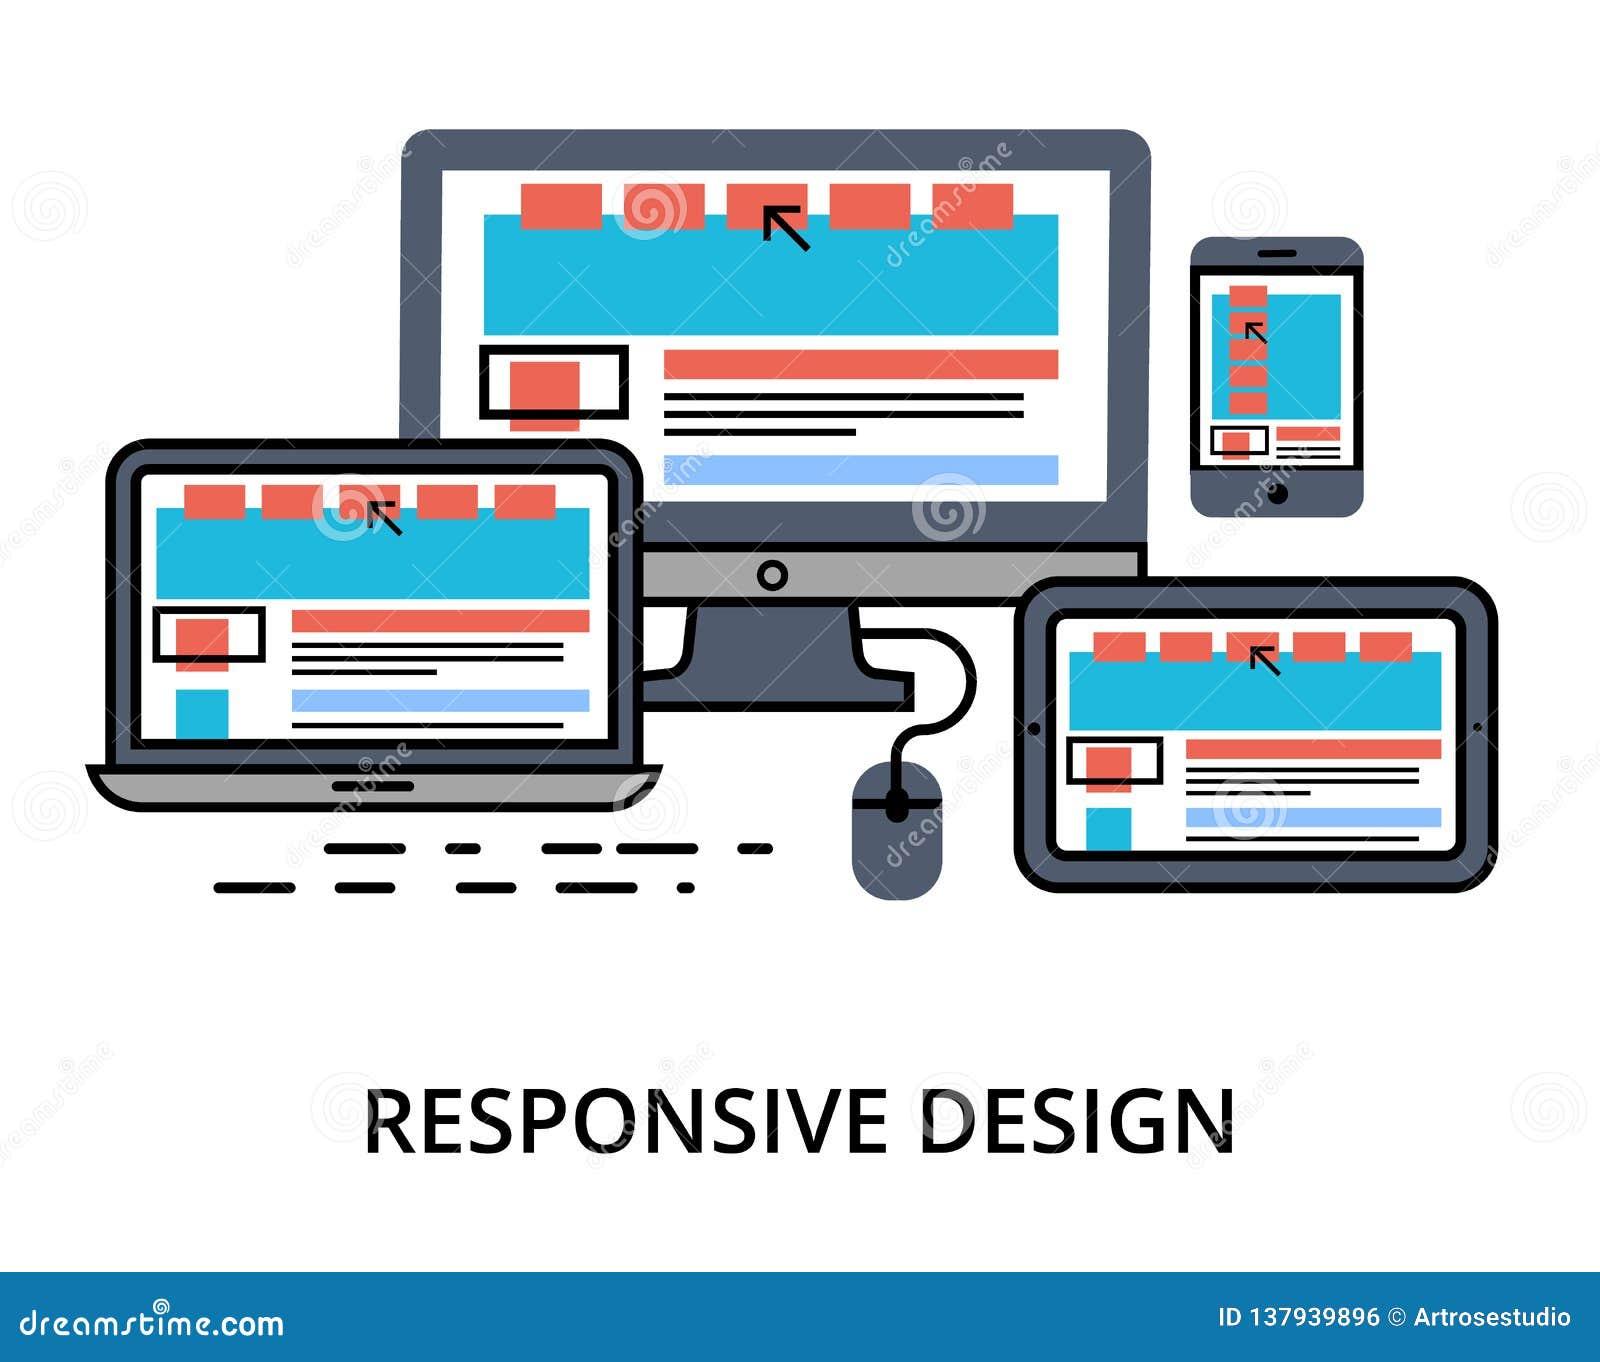 Vector of responsive design